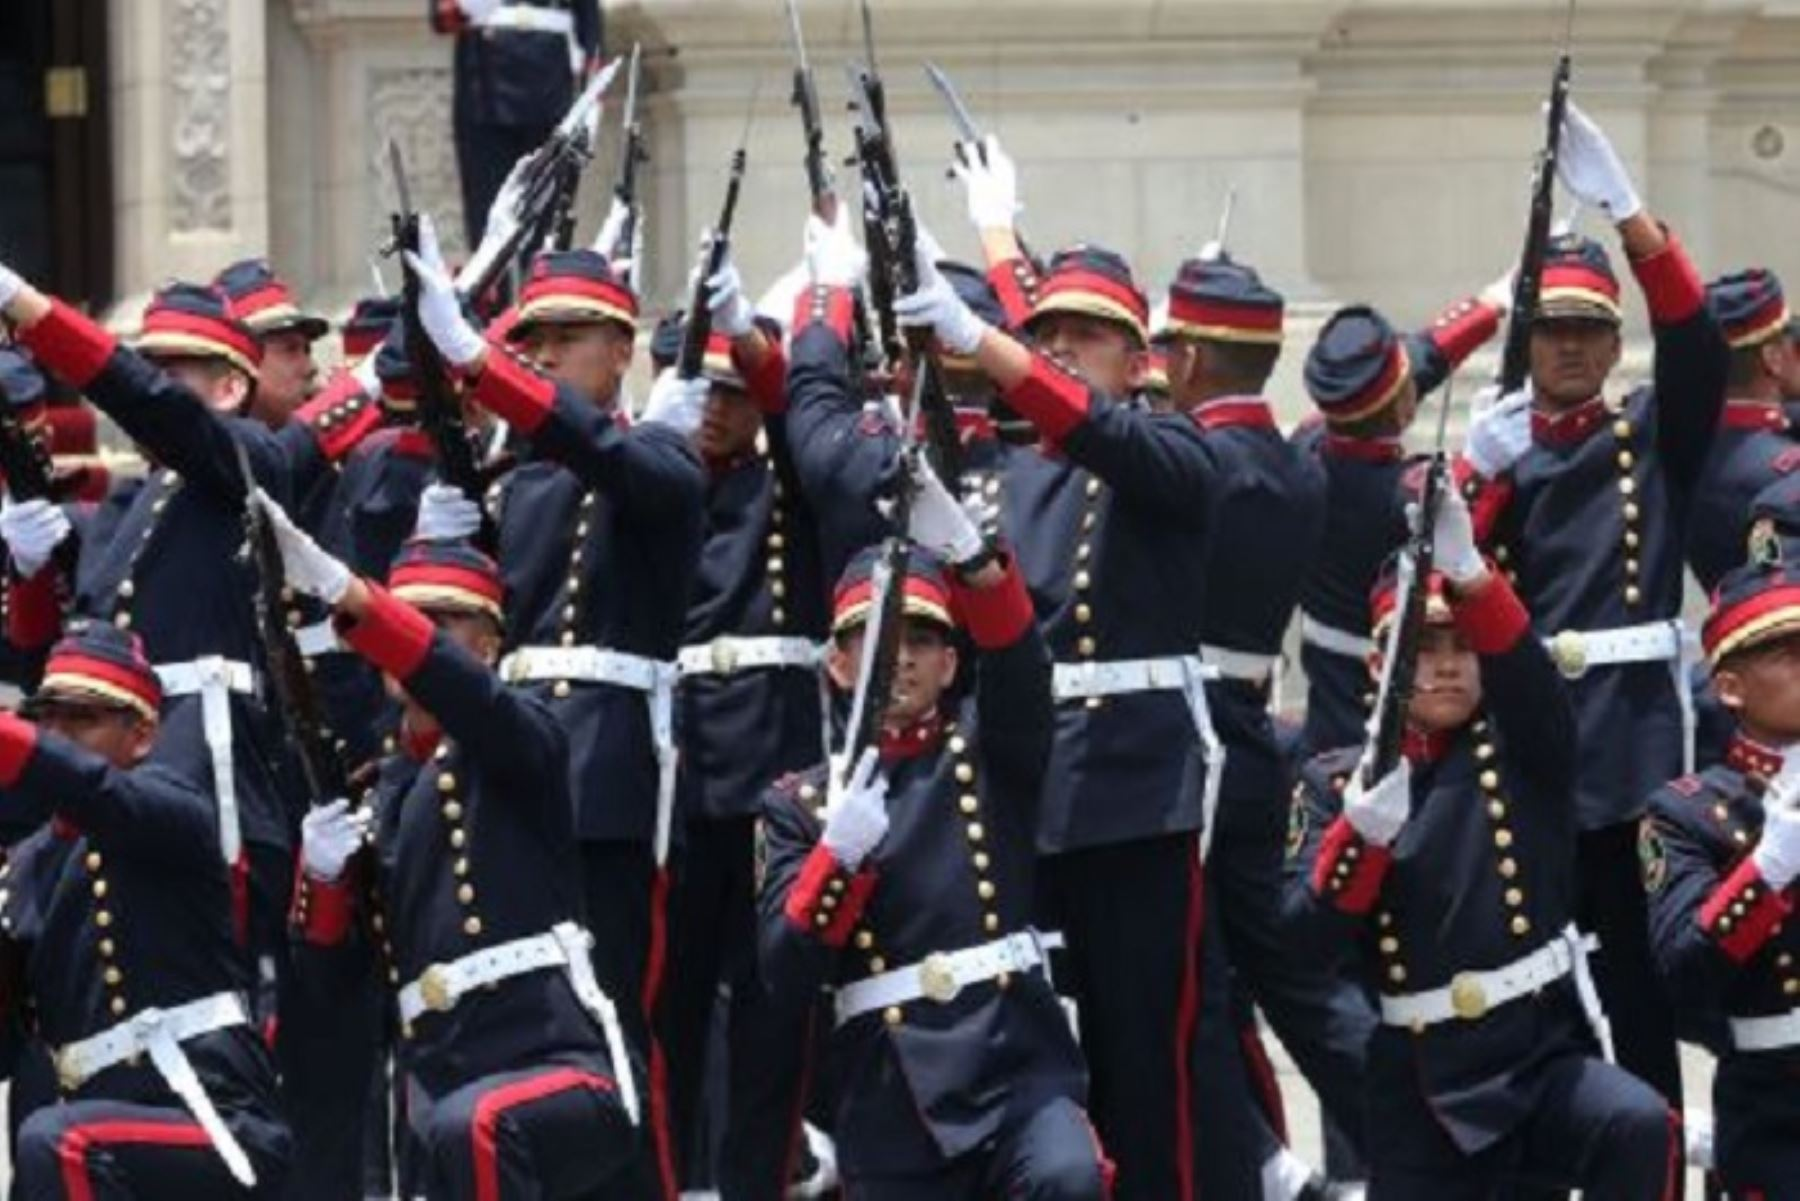 Por el lanzamiento de la Agenda del Bicentenario de la Independencia del Perú, la plaza de Armas de Arequipa es hoy escenario de una retreta a cargo de la banda de músicos de las Fuerzas Armadas, evoluciones de la compañía del Ejército Juana Cervantes de Bolognesi, y de la compañía histórica de la Policía Nacional.